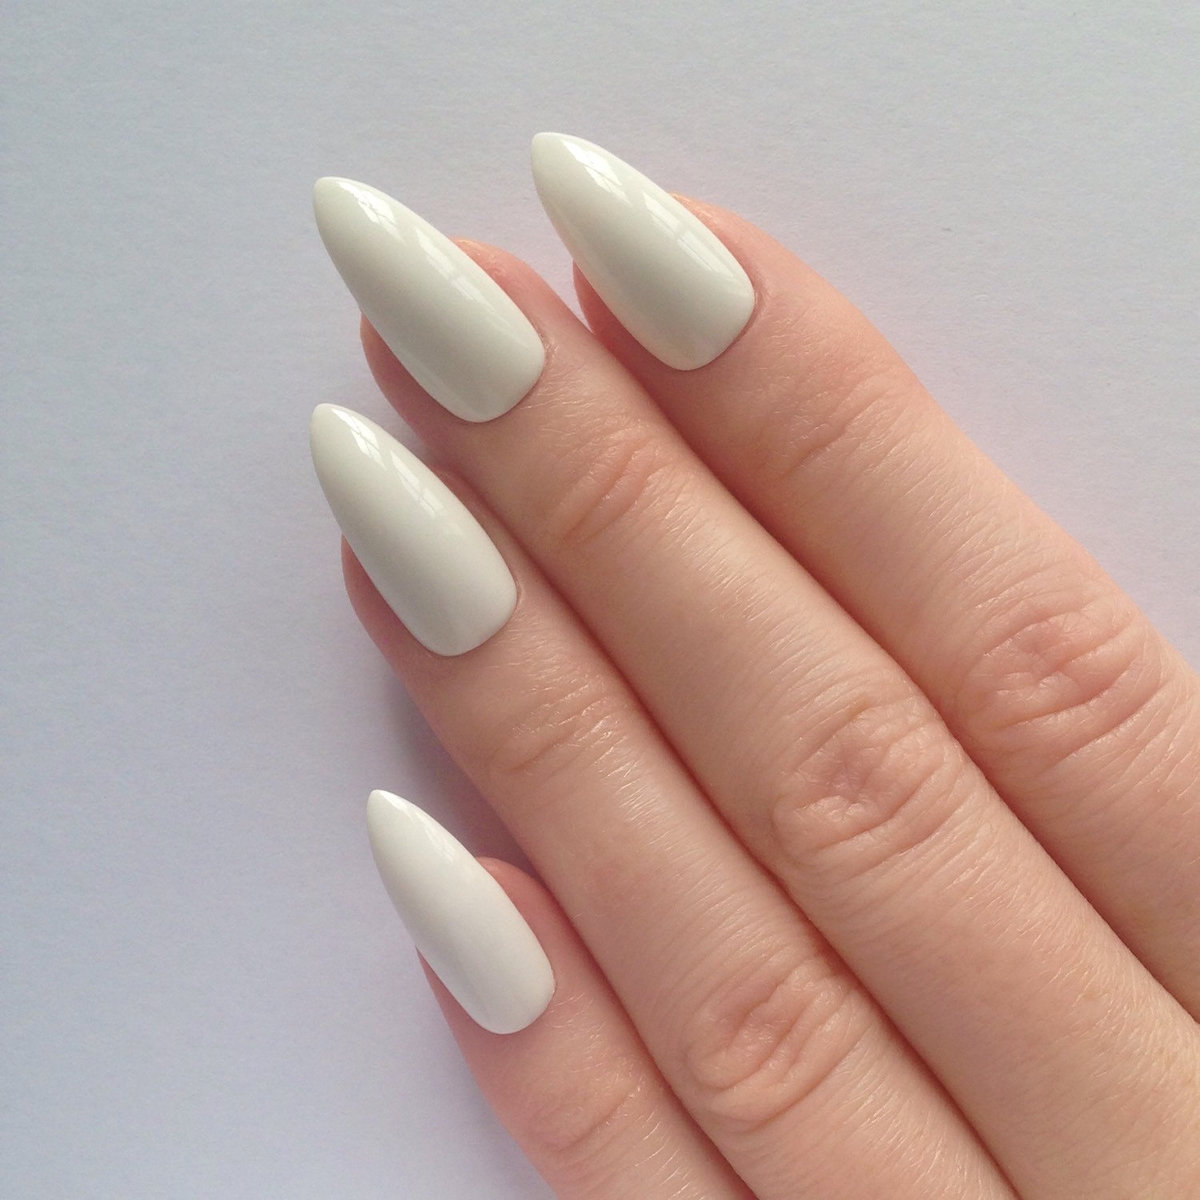 Белый маникюр острые ногти фото